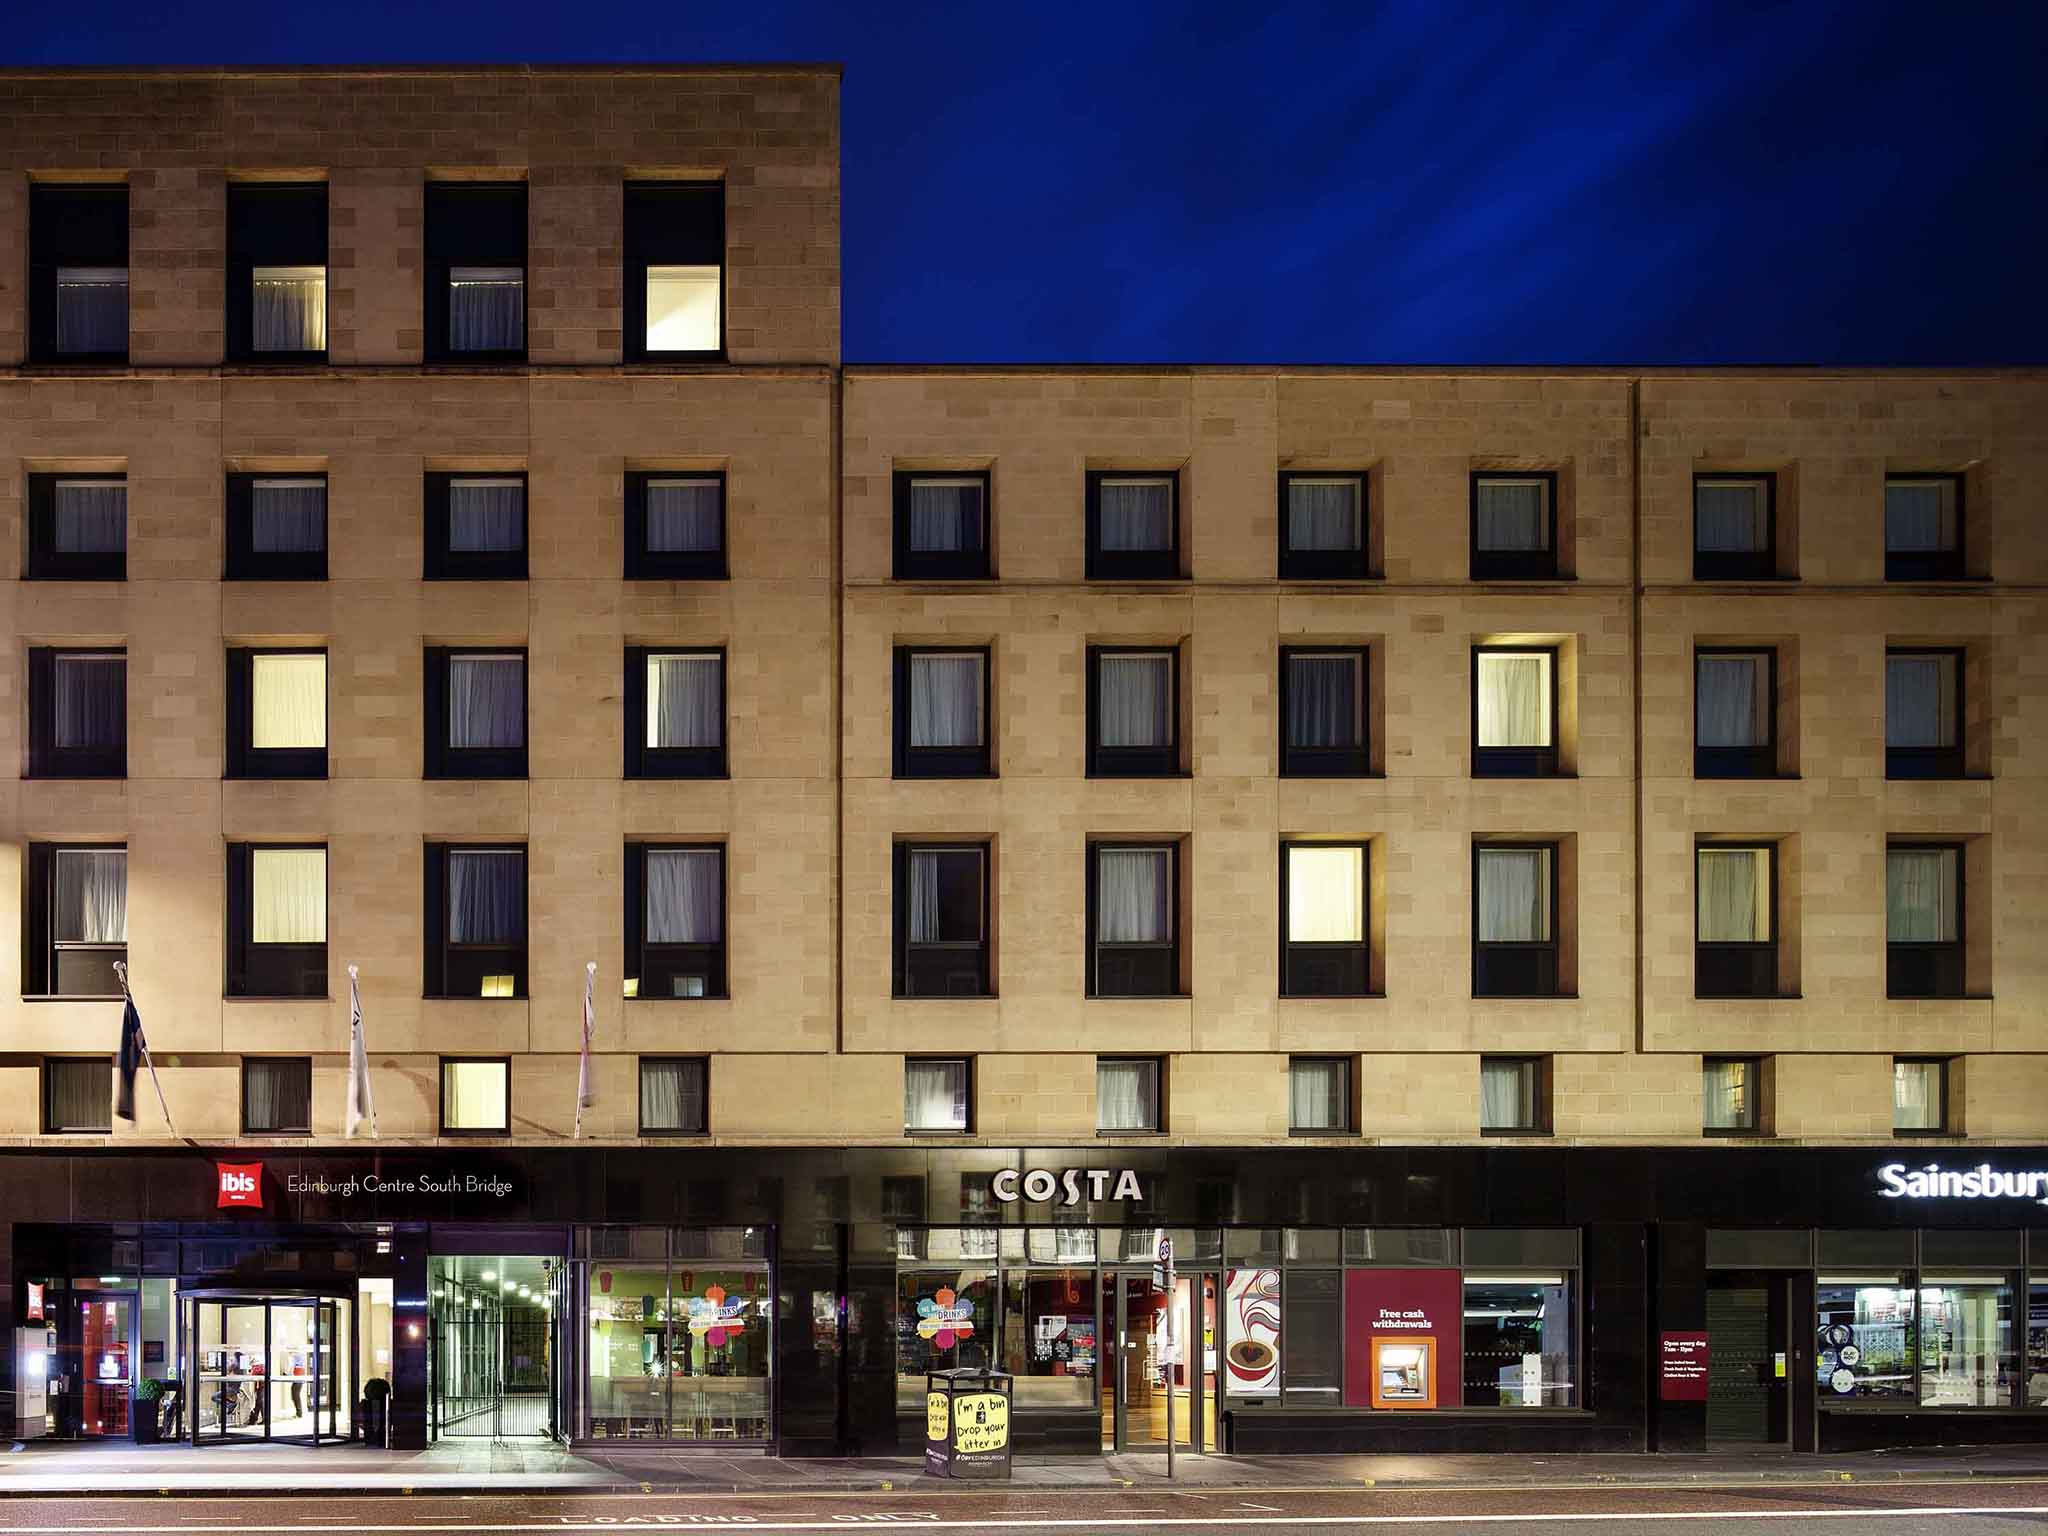 Отель — Отель ibis Эдинбург Центр Саут Бридж- Королевская Миля